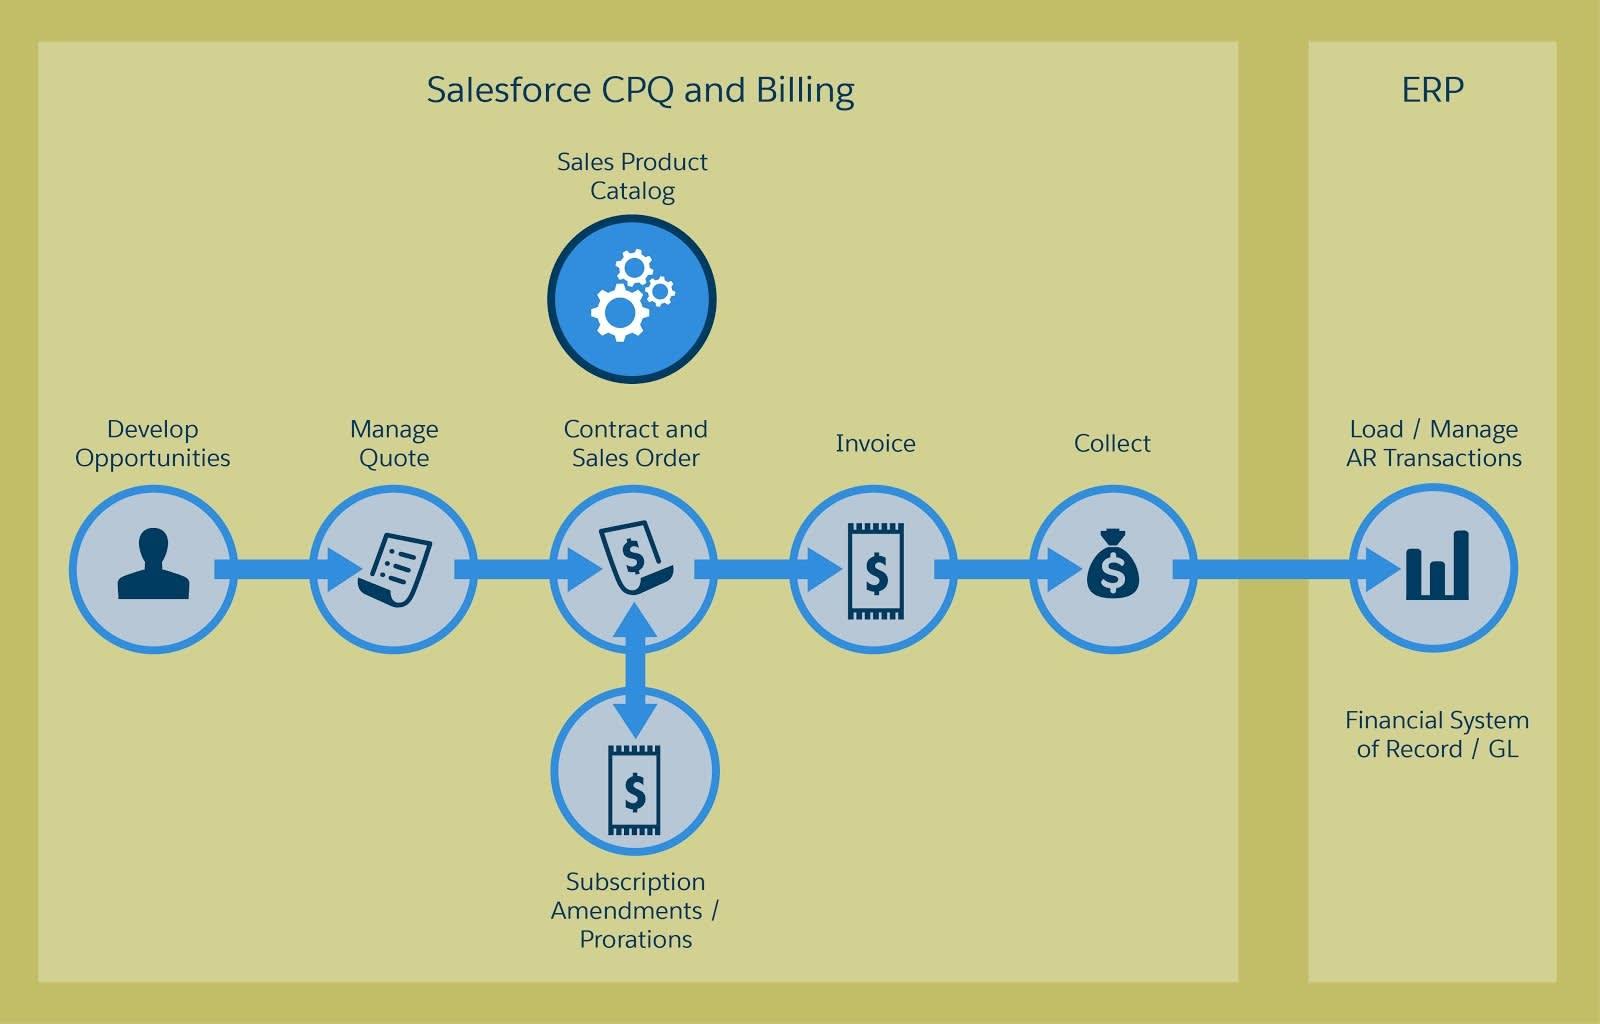 Salesforce CPQ と Salesforce Billing は、1 つのプラットフォームで統合された体験を提供します。